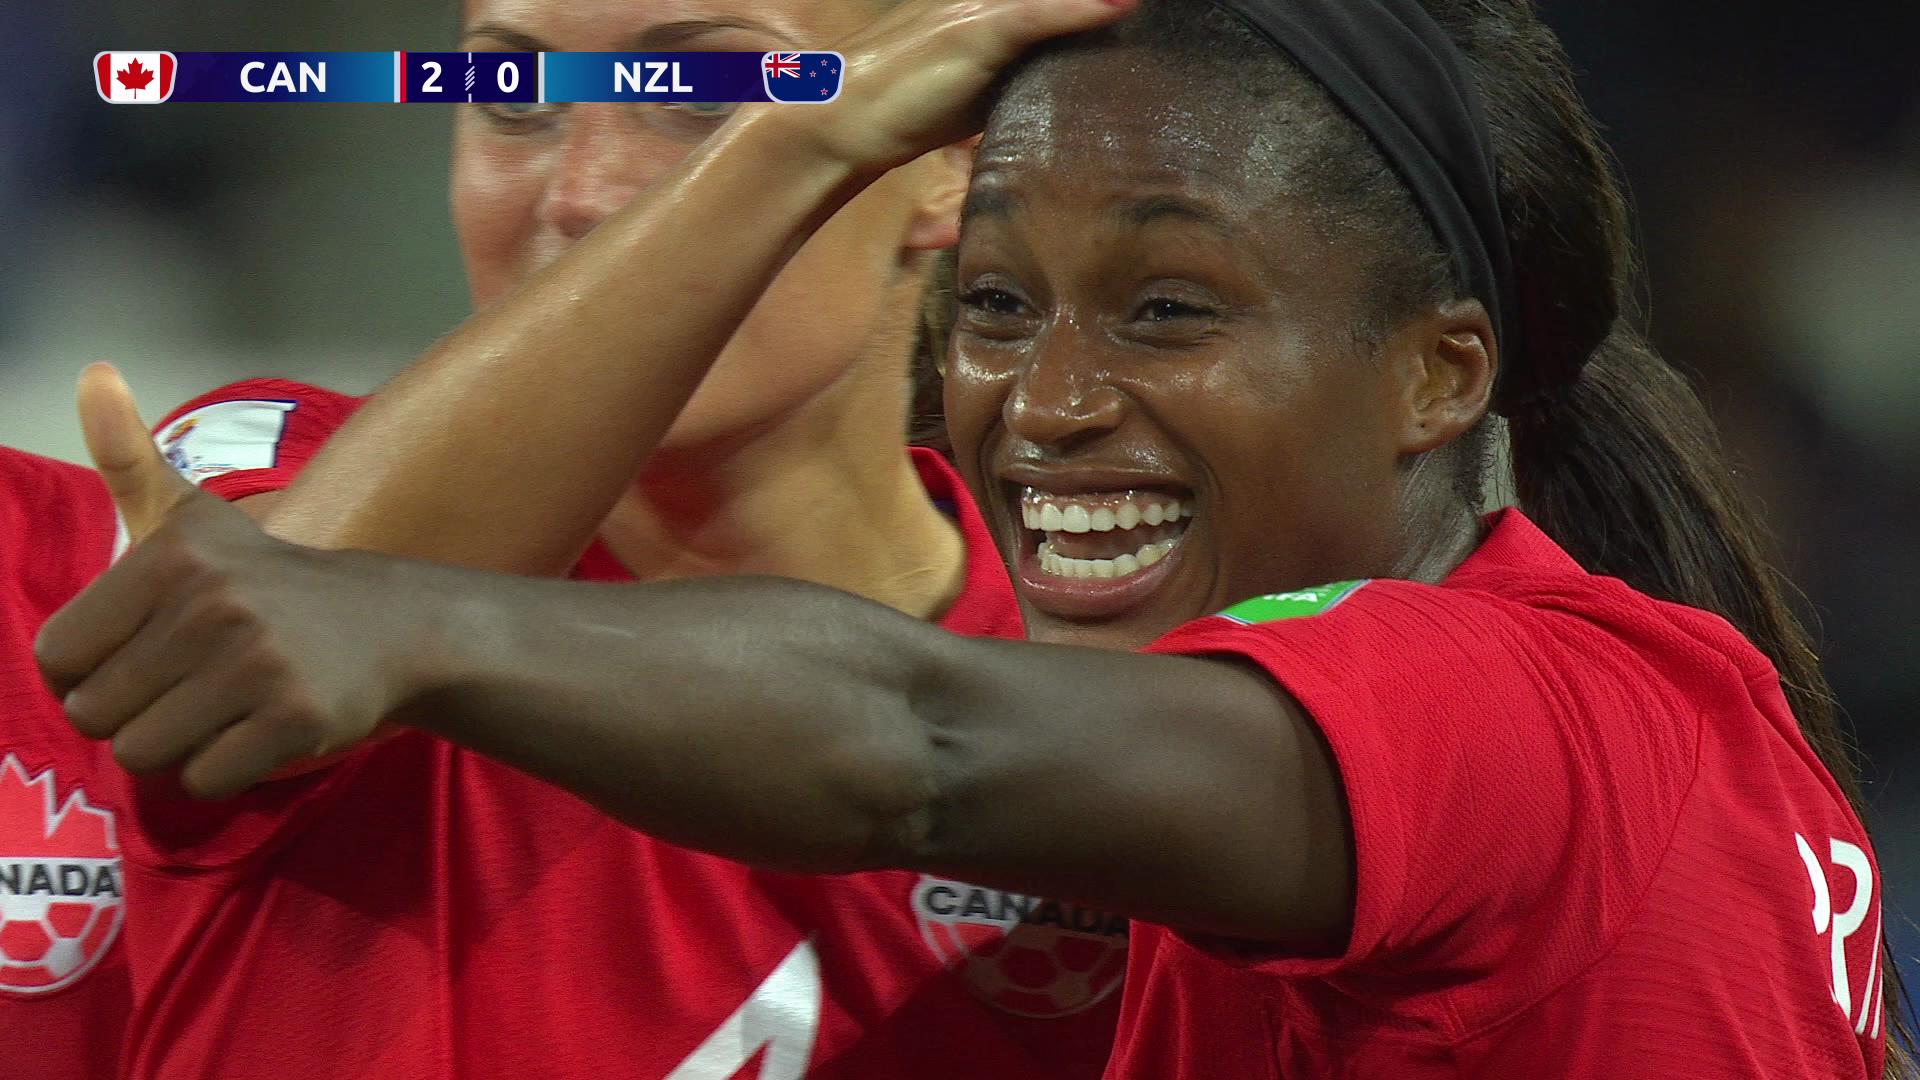 カナダ、ニュージーランドを完封。2戦連続無失点で決勝T進出【FIFA 女子ワールドカップ - グループE第2節 ハイライト動画】